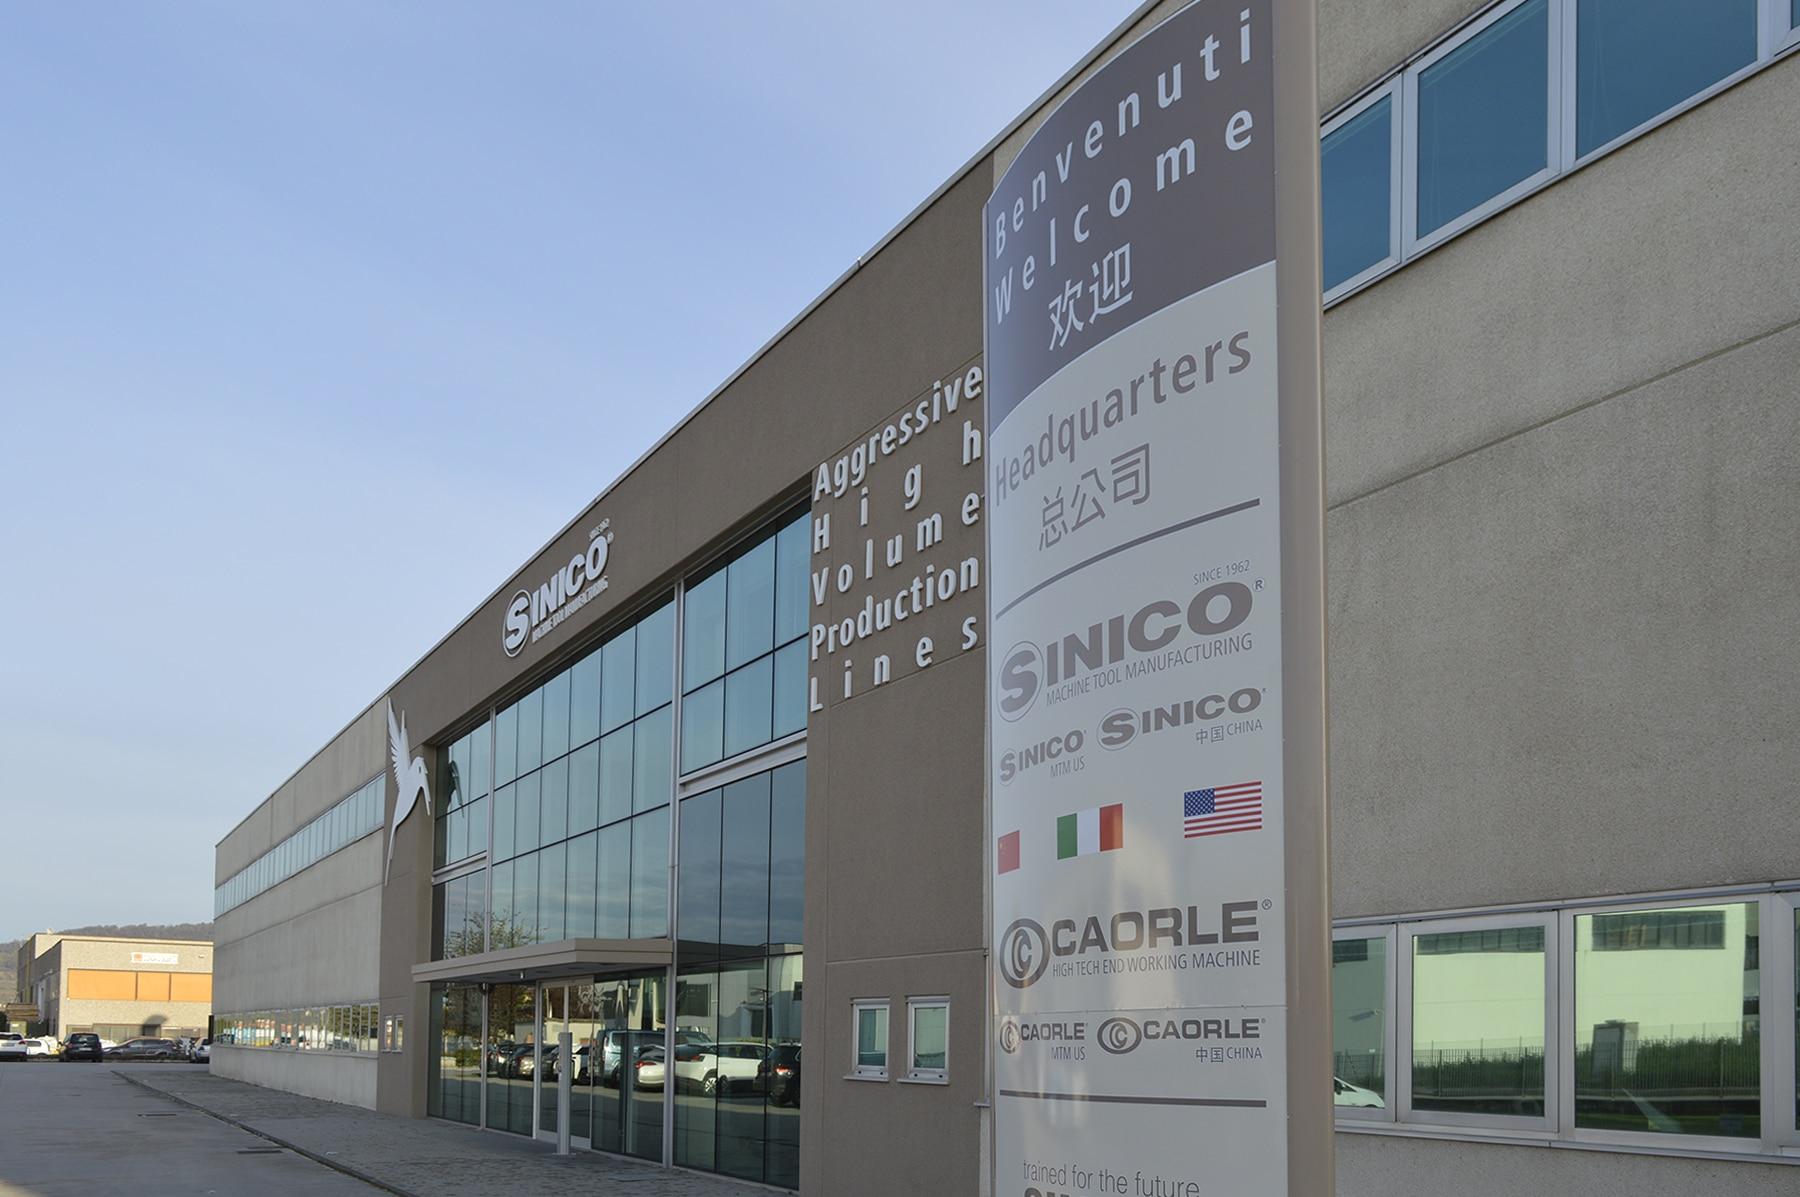 sinico manufacturing headquarters